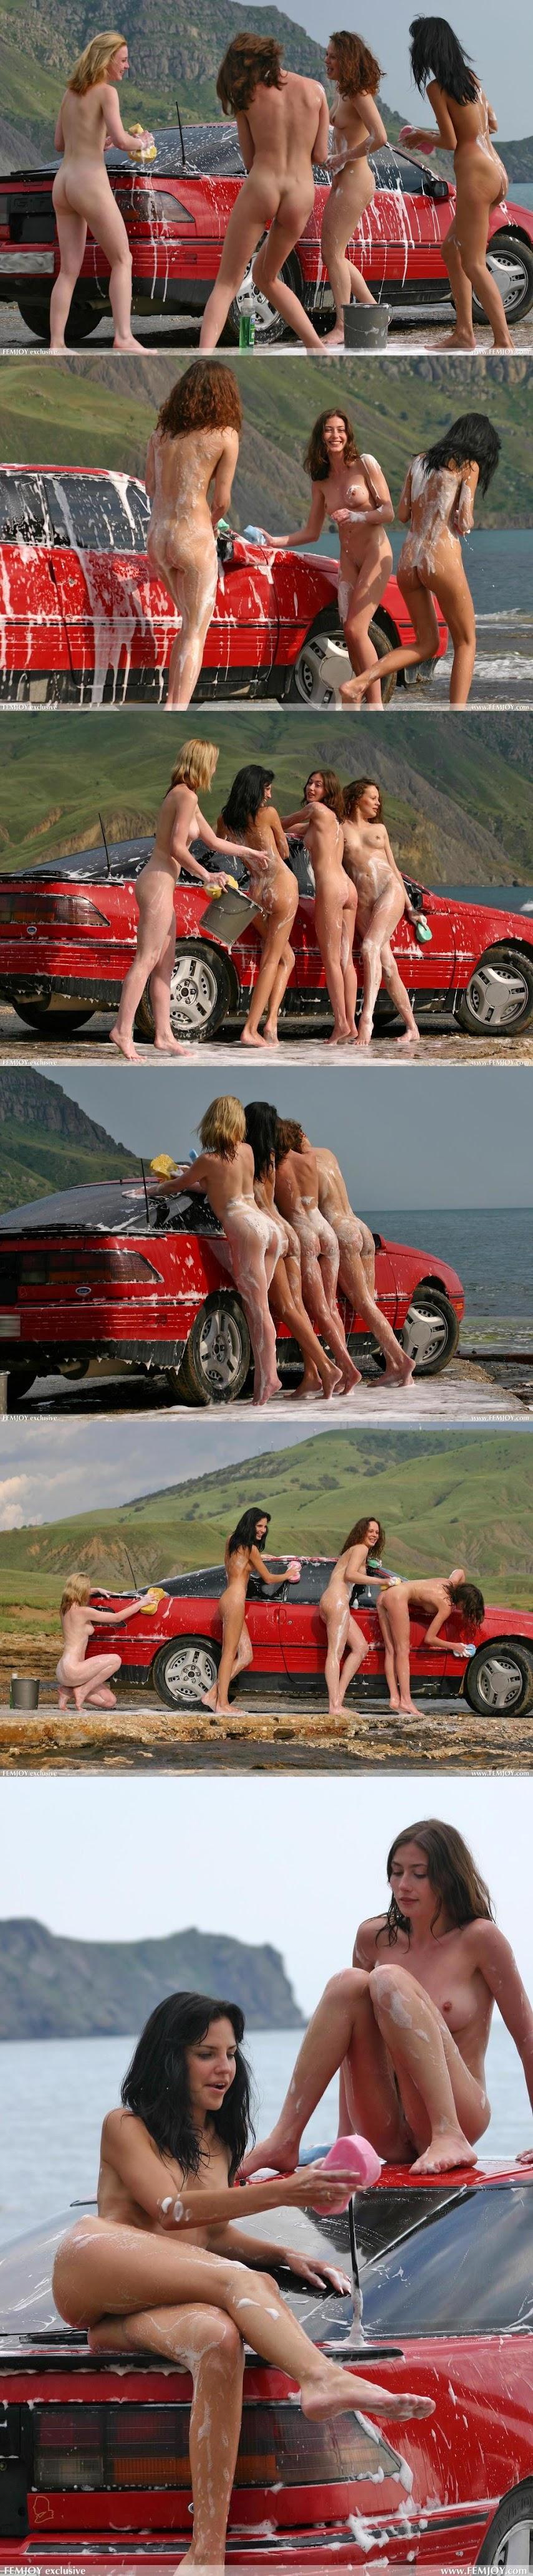 FEdf  - 2005-04-20 - Michelle - Contoure x40 3000px - Girlsdelta